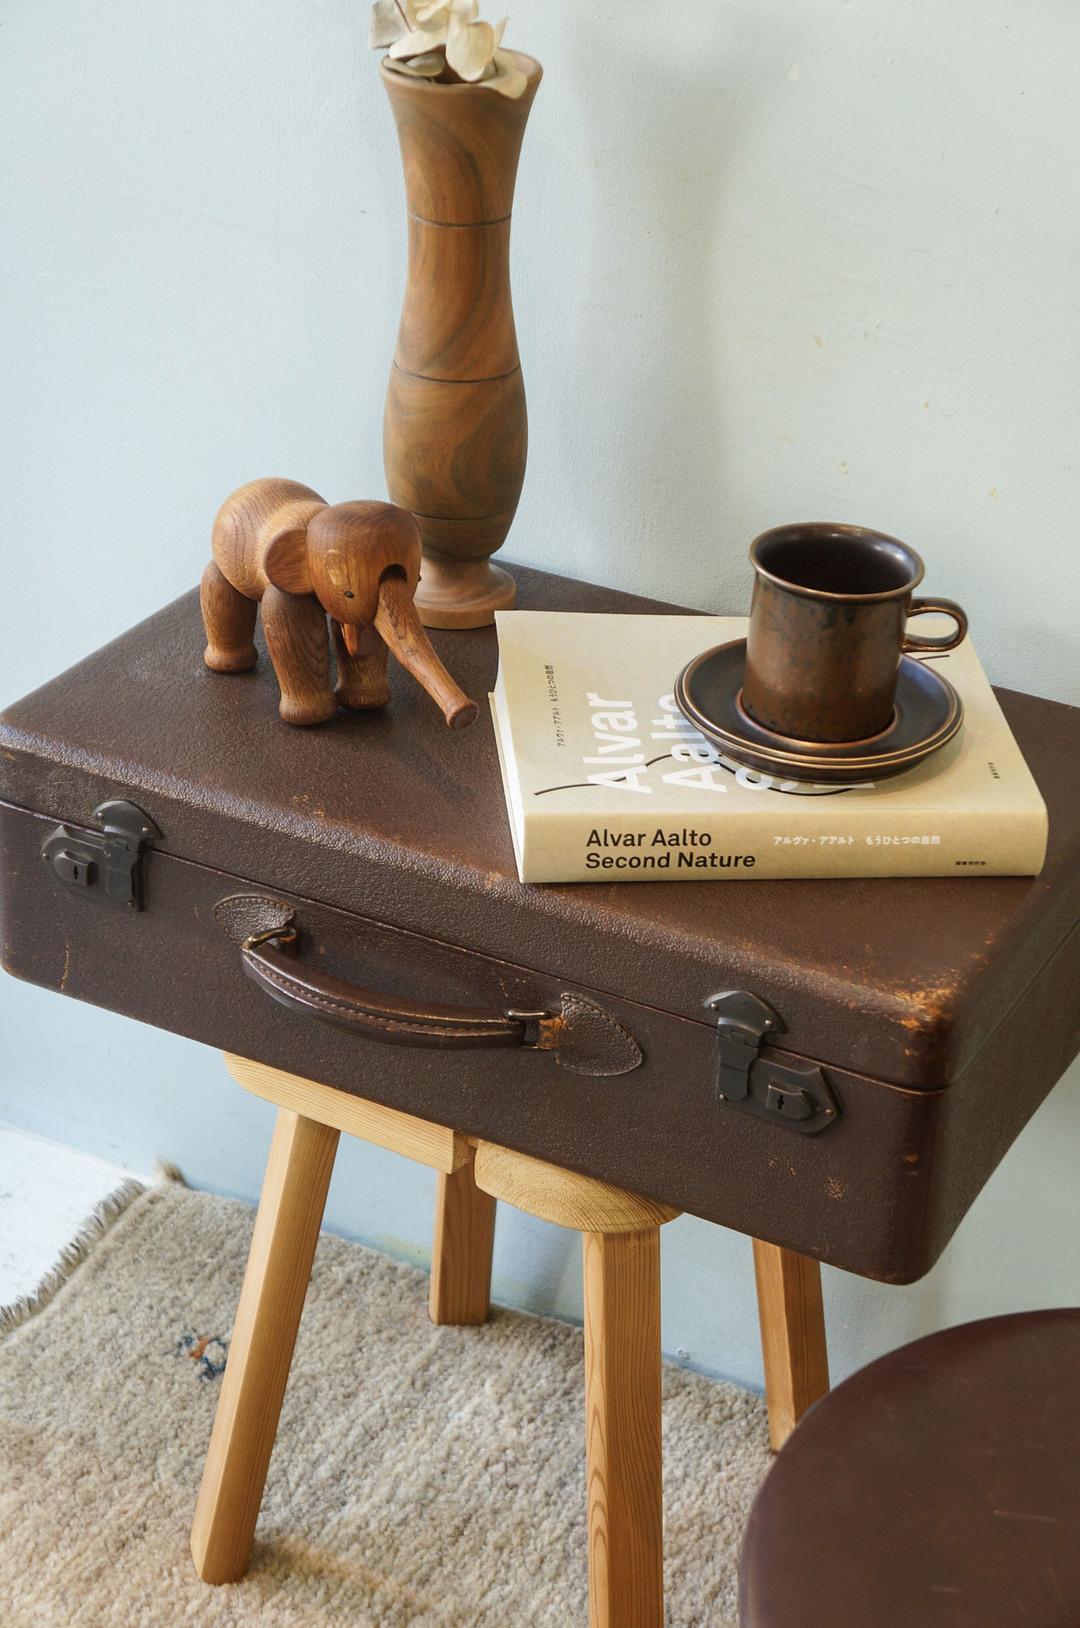 Antique Trunk Case/アンティーク トランク スーツケース 収納 古道具 インテリア 1